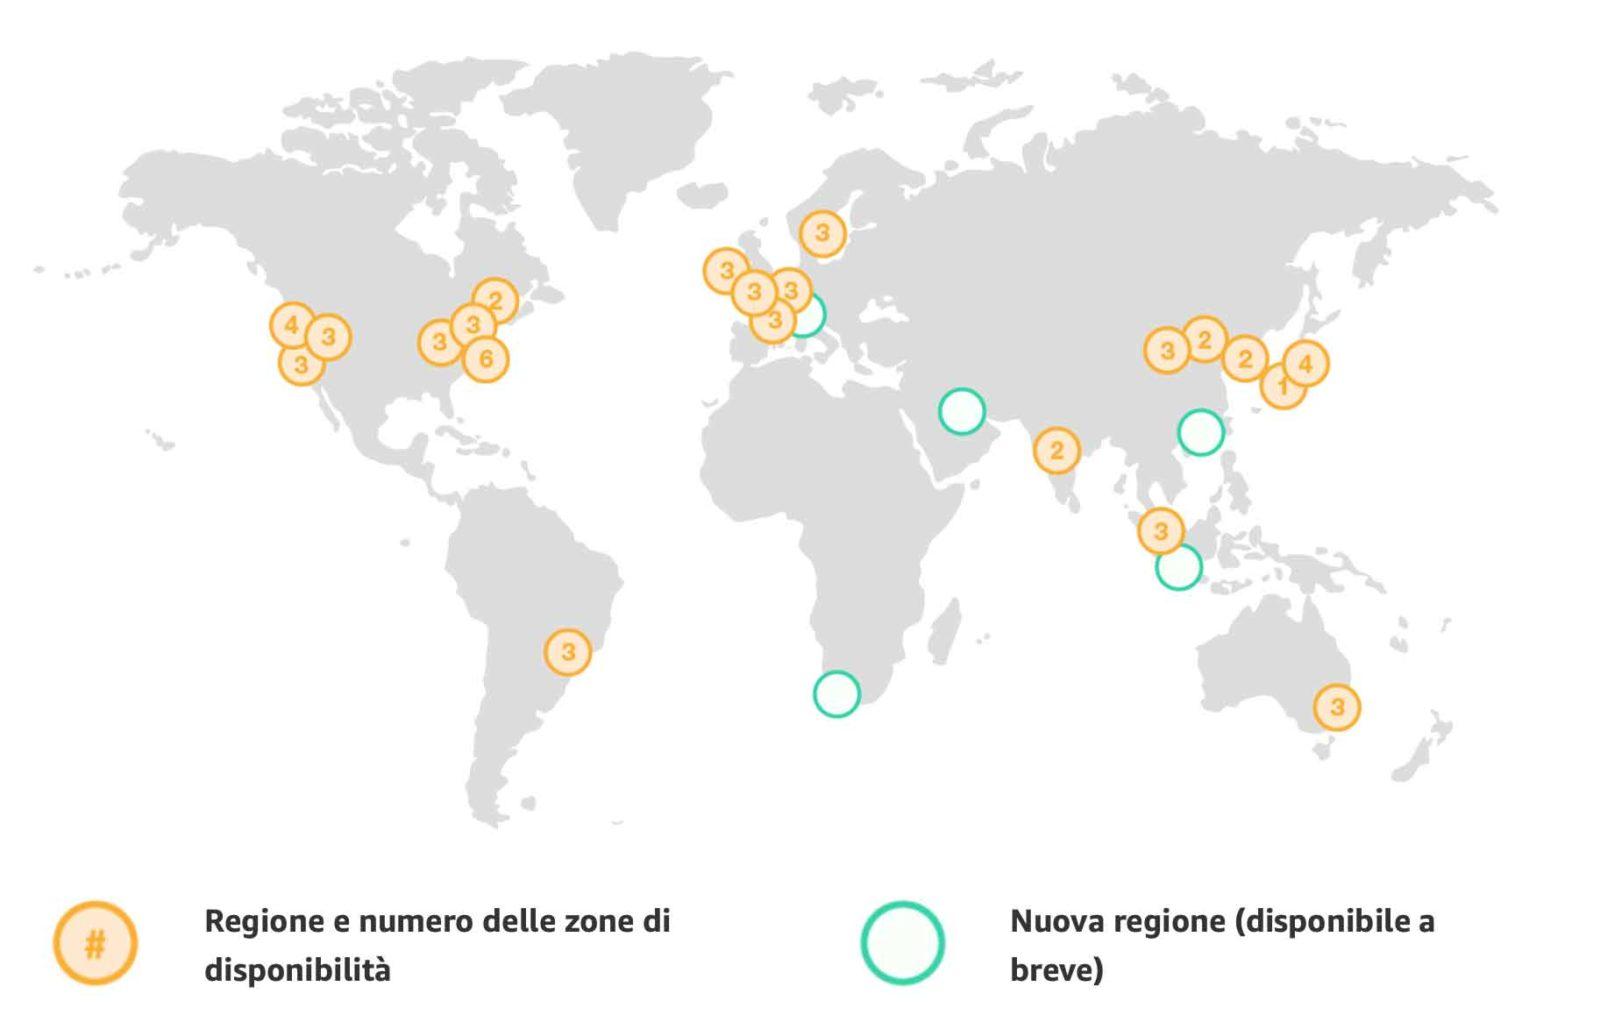 AWS opera in 61 zone di disponibilità distribuite su 20 regioni geografiche in tutto il mondo, con altre 15 zone di disponibilità e 5 ulteriori regioni già annunciate per il prossimo futuro in Bahrein, Città del Capo, Hong Kong, Giacarta e Milano.